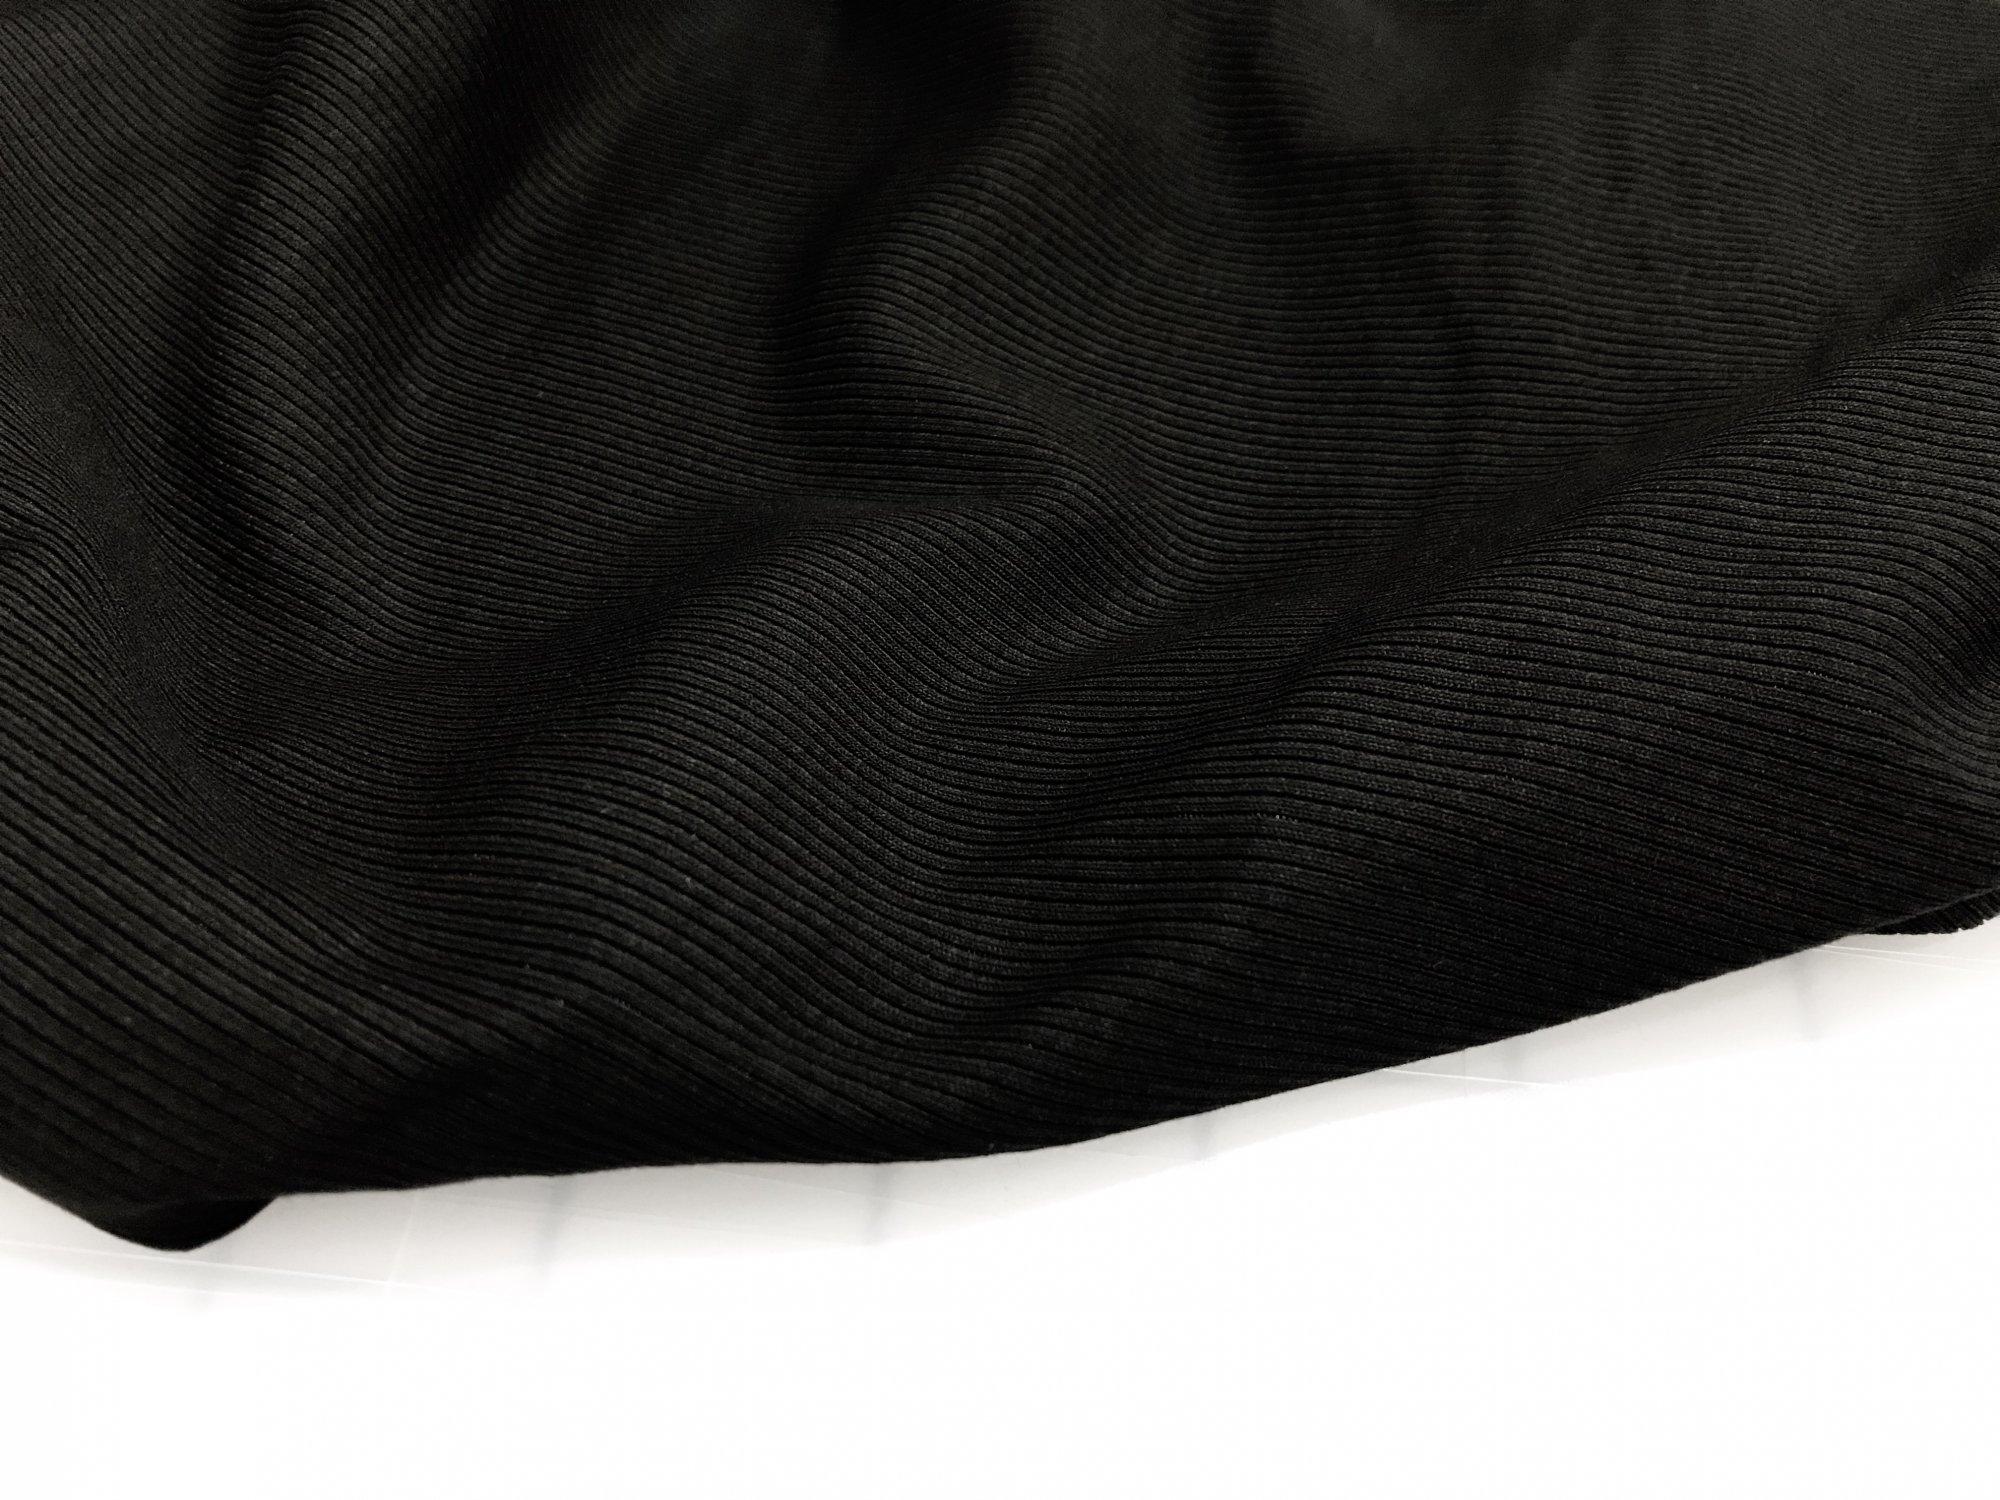 Rib Knit -  2 X 1 - Black